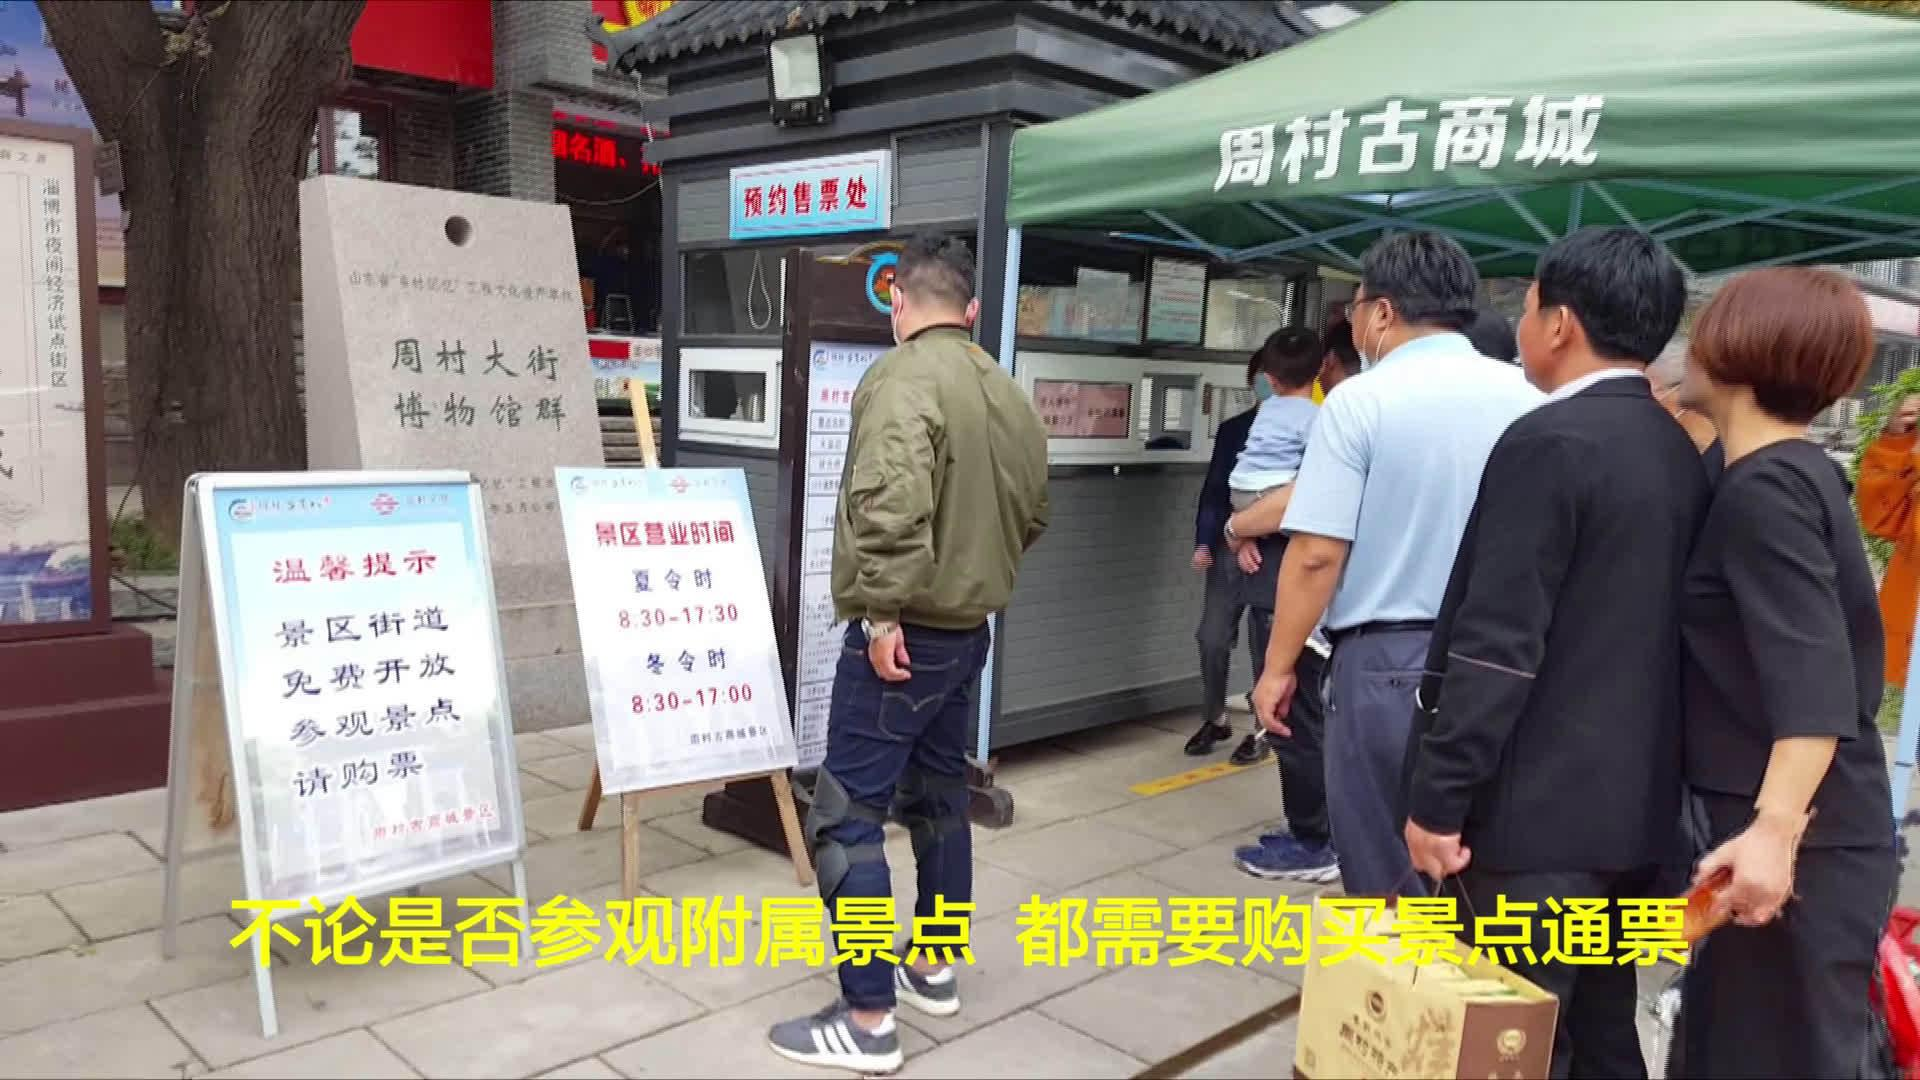 周村:公开承诺景区街道免费开放 又突然对旅行团收费